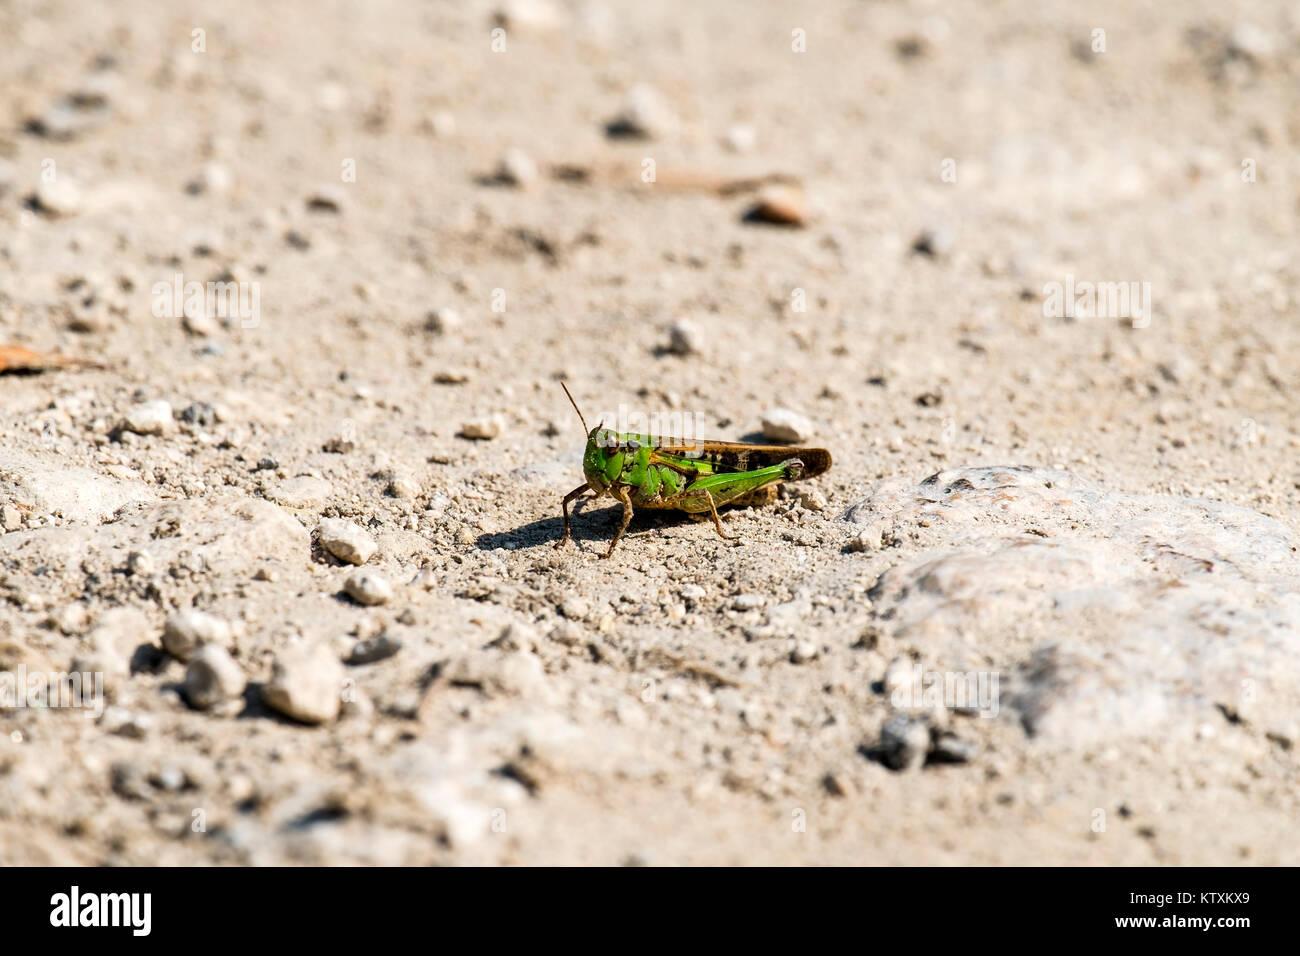 Der Grashüpfer Acrididae Familie sitzt auf einem Feldweg (Omocestus viridulus) Stockbild